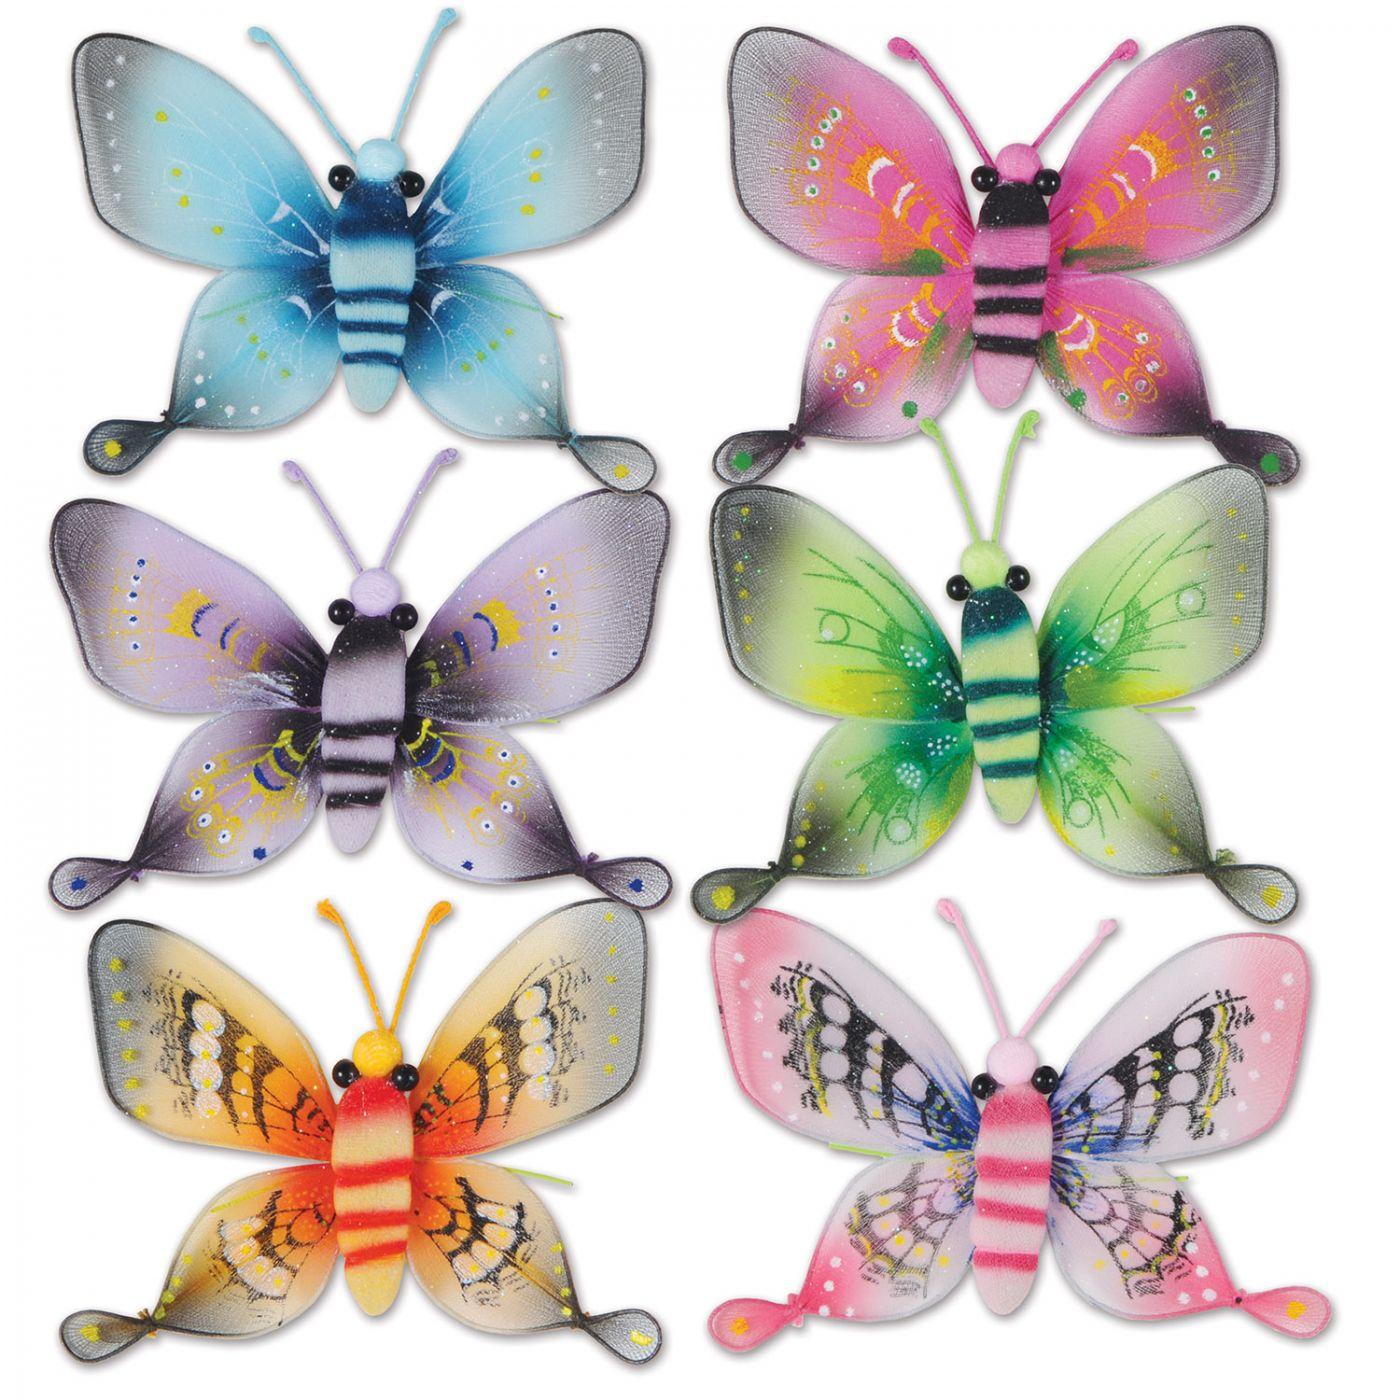 Majestic Butterflies image